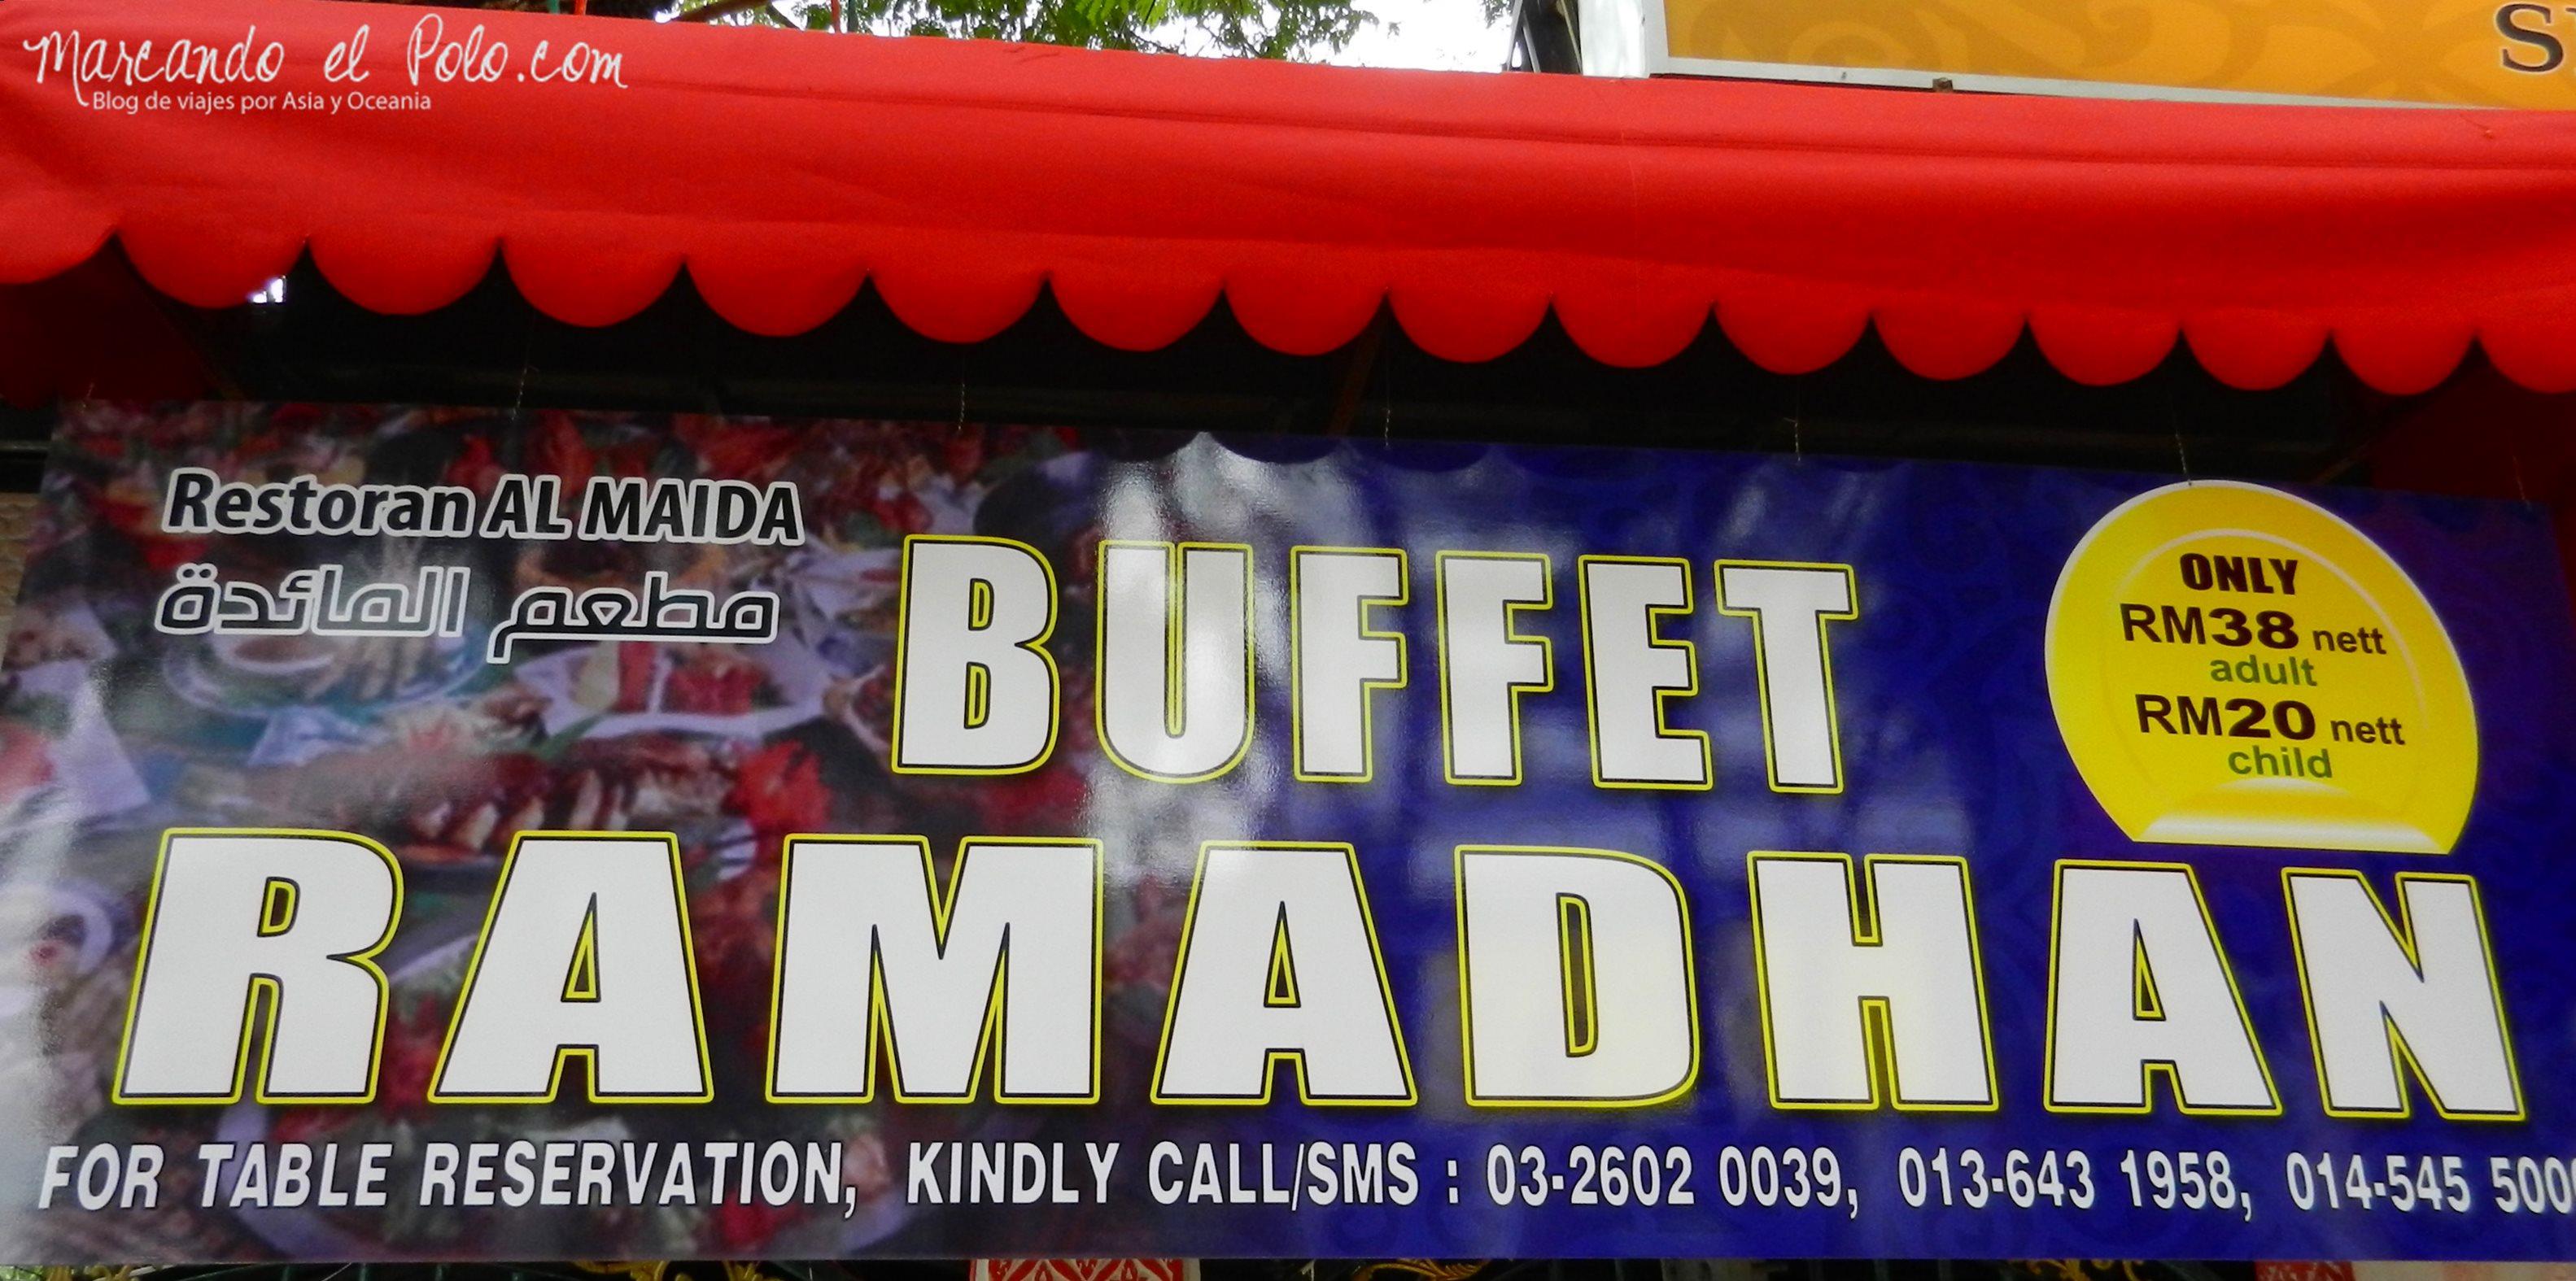 Durante Ramadán los restaurantes preparan un buffet de comida tradicional